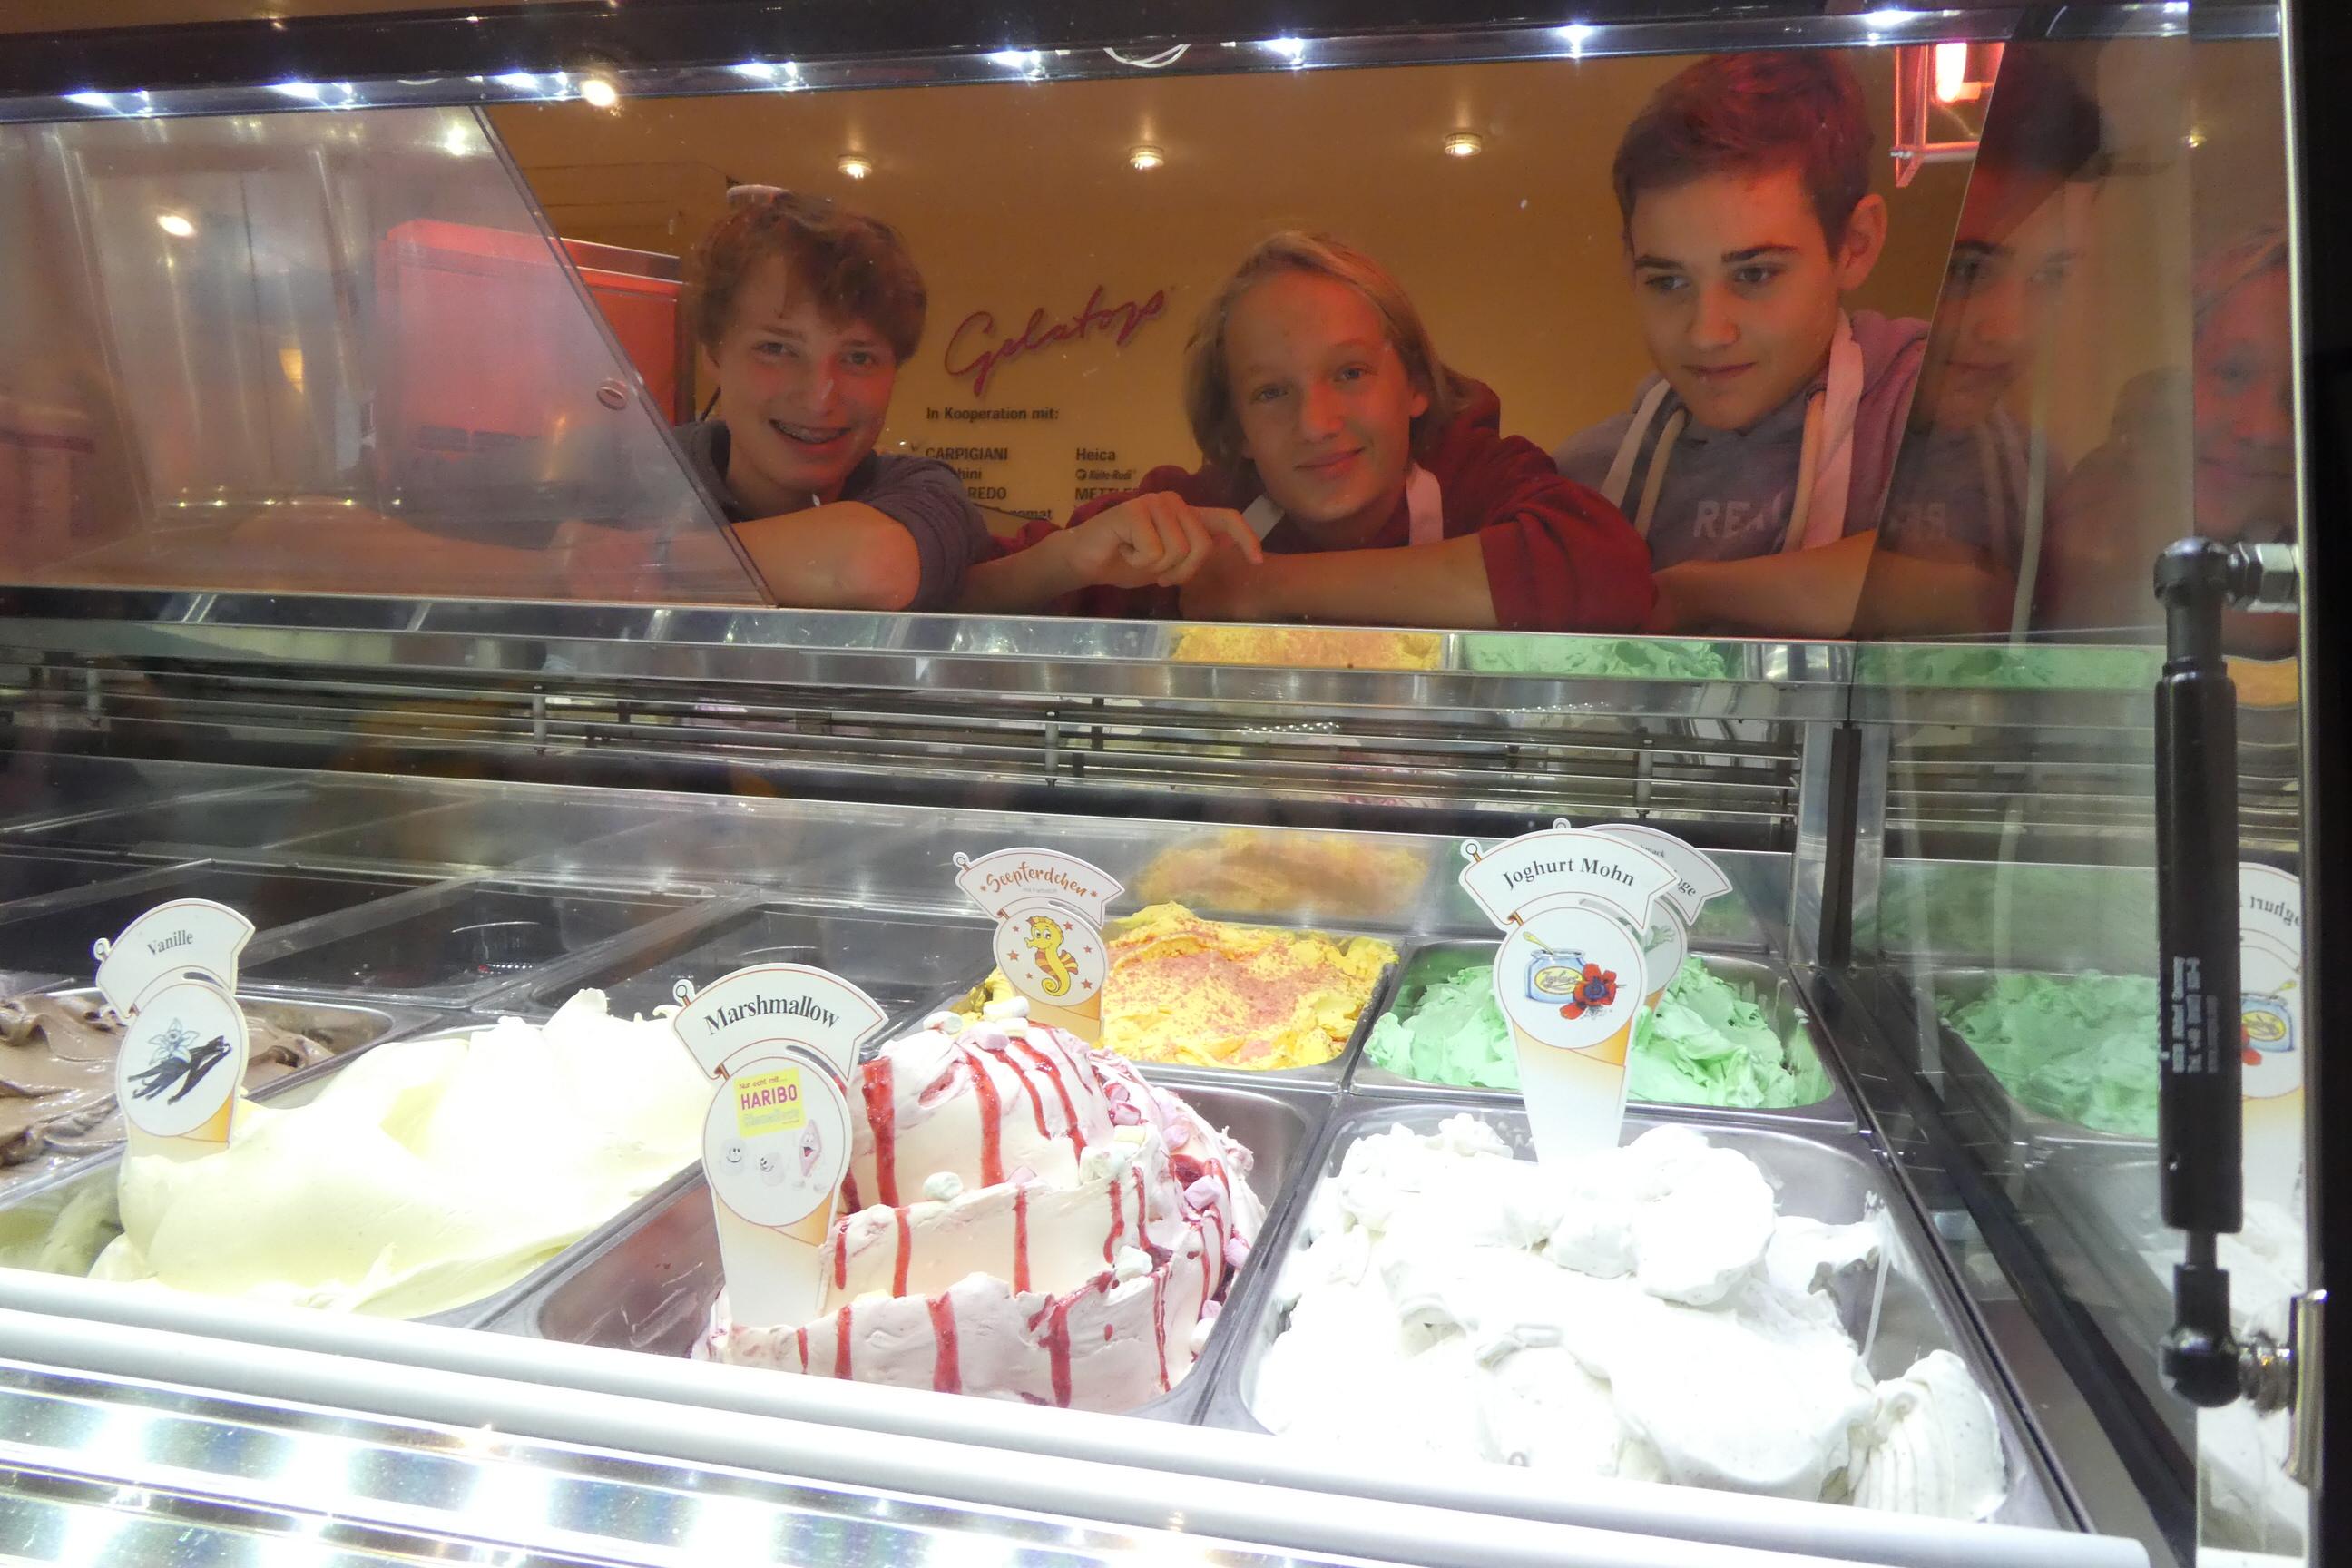 Nach der Eis-Bilanzierung freuen sich Luca, Luuk und Jannis darauf, gleich das selbstgemachte Eis zu probieren.